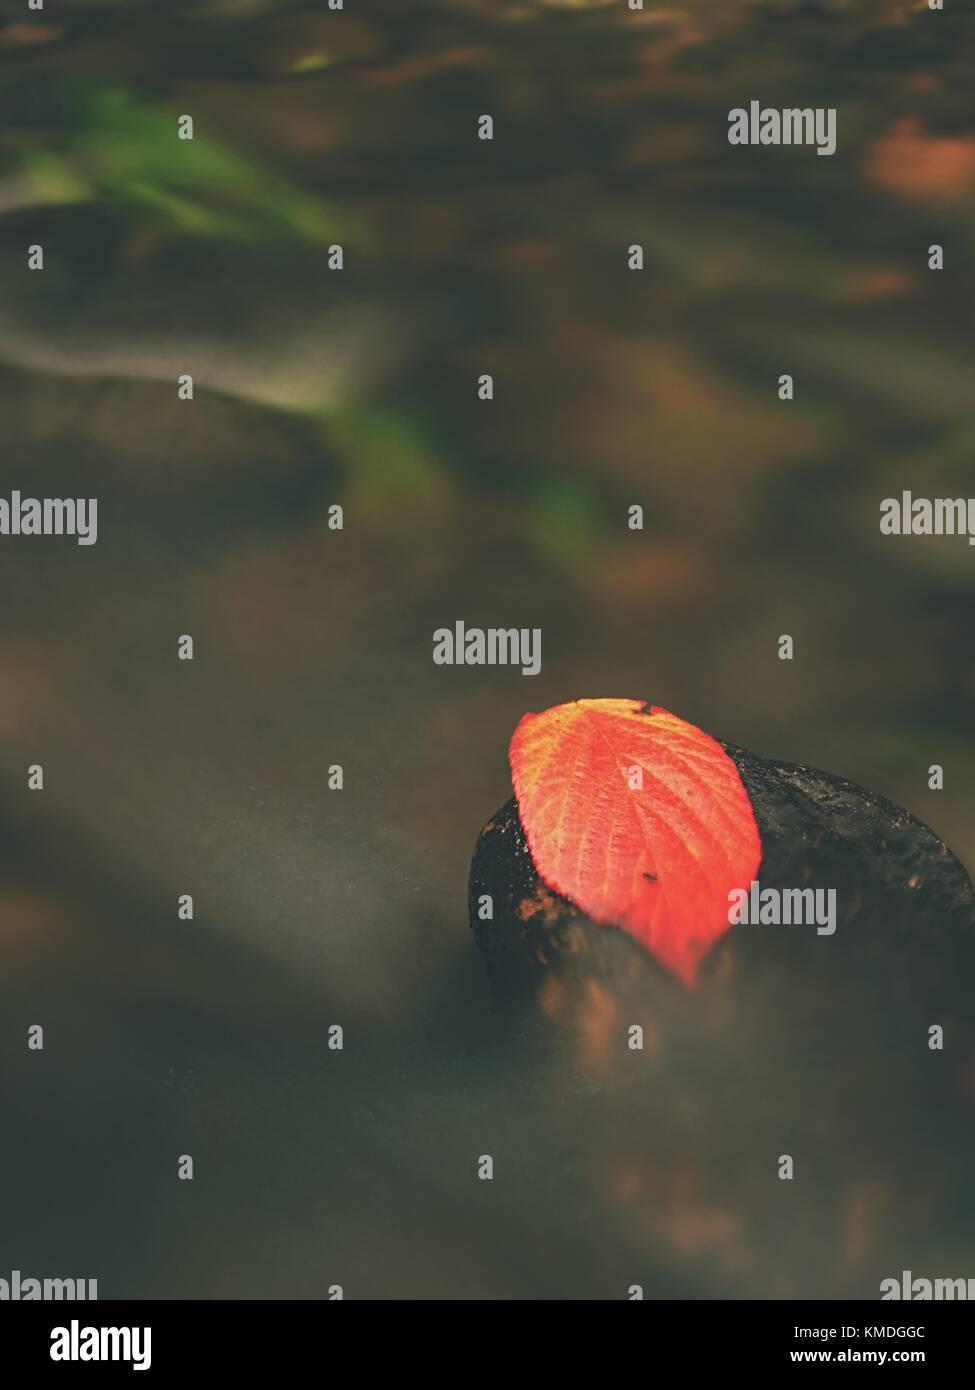 Hoja roja de la frambuesa roja rota Naranja hoja atrapados en la piedra negra en el stream rapids. plata líneas de burbujas en el agua fría se crea por largos exposu Foto de stock